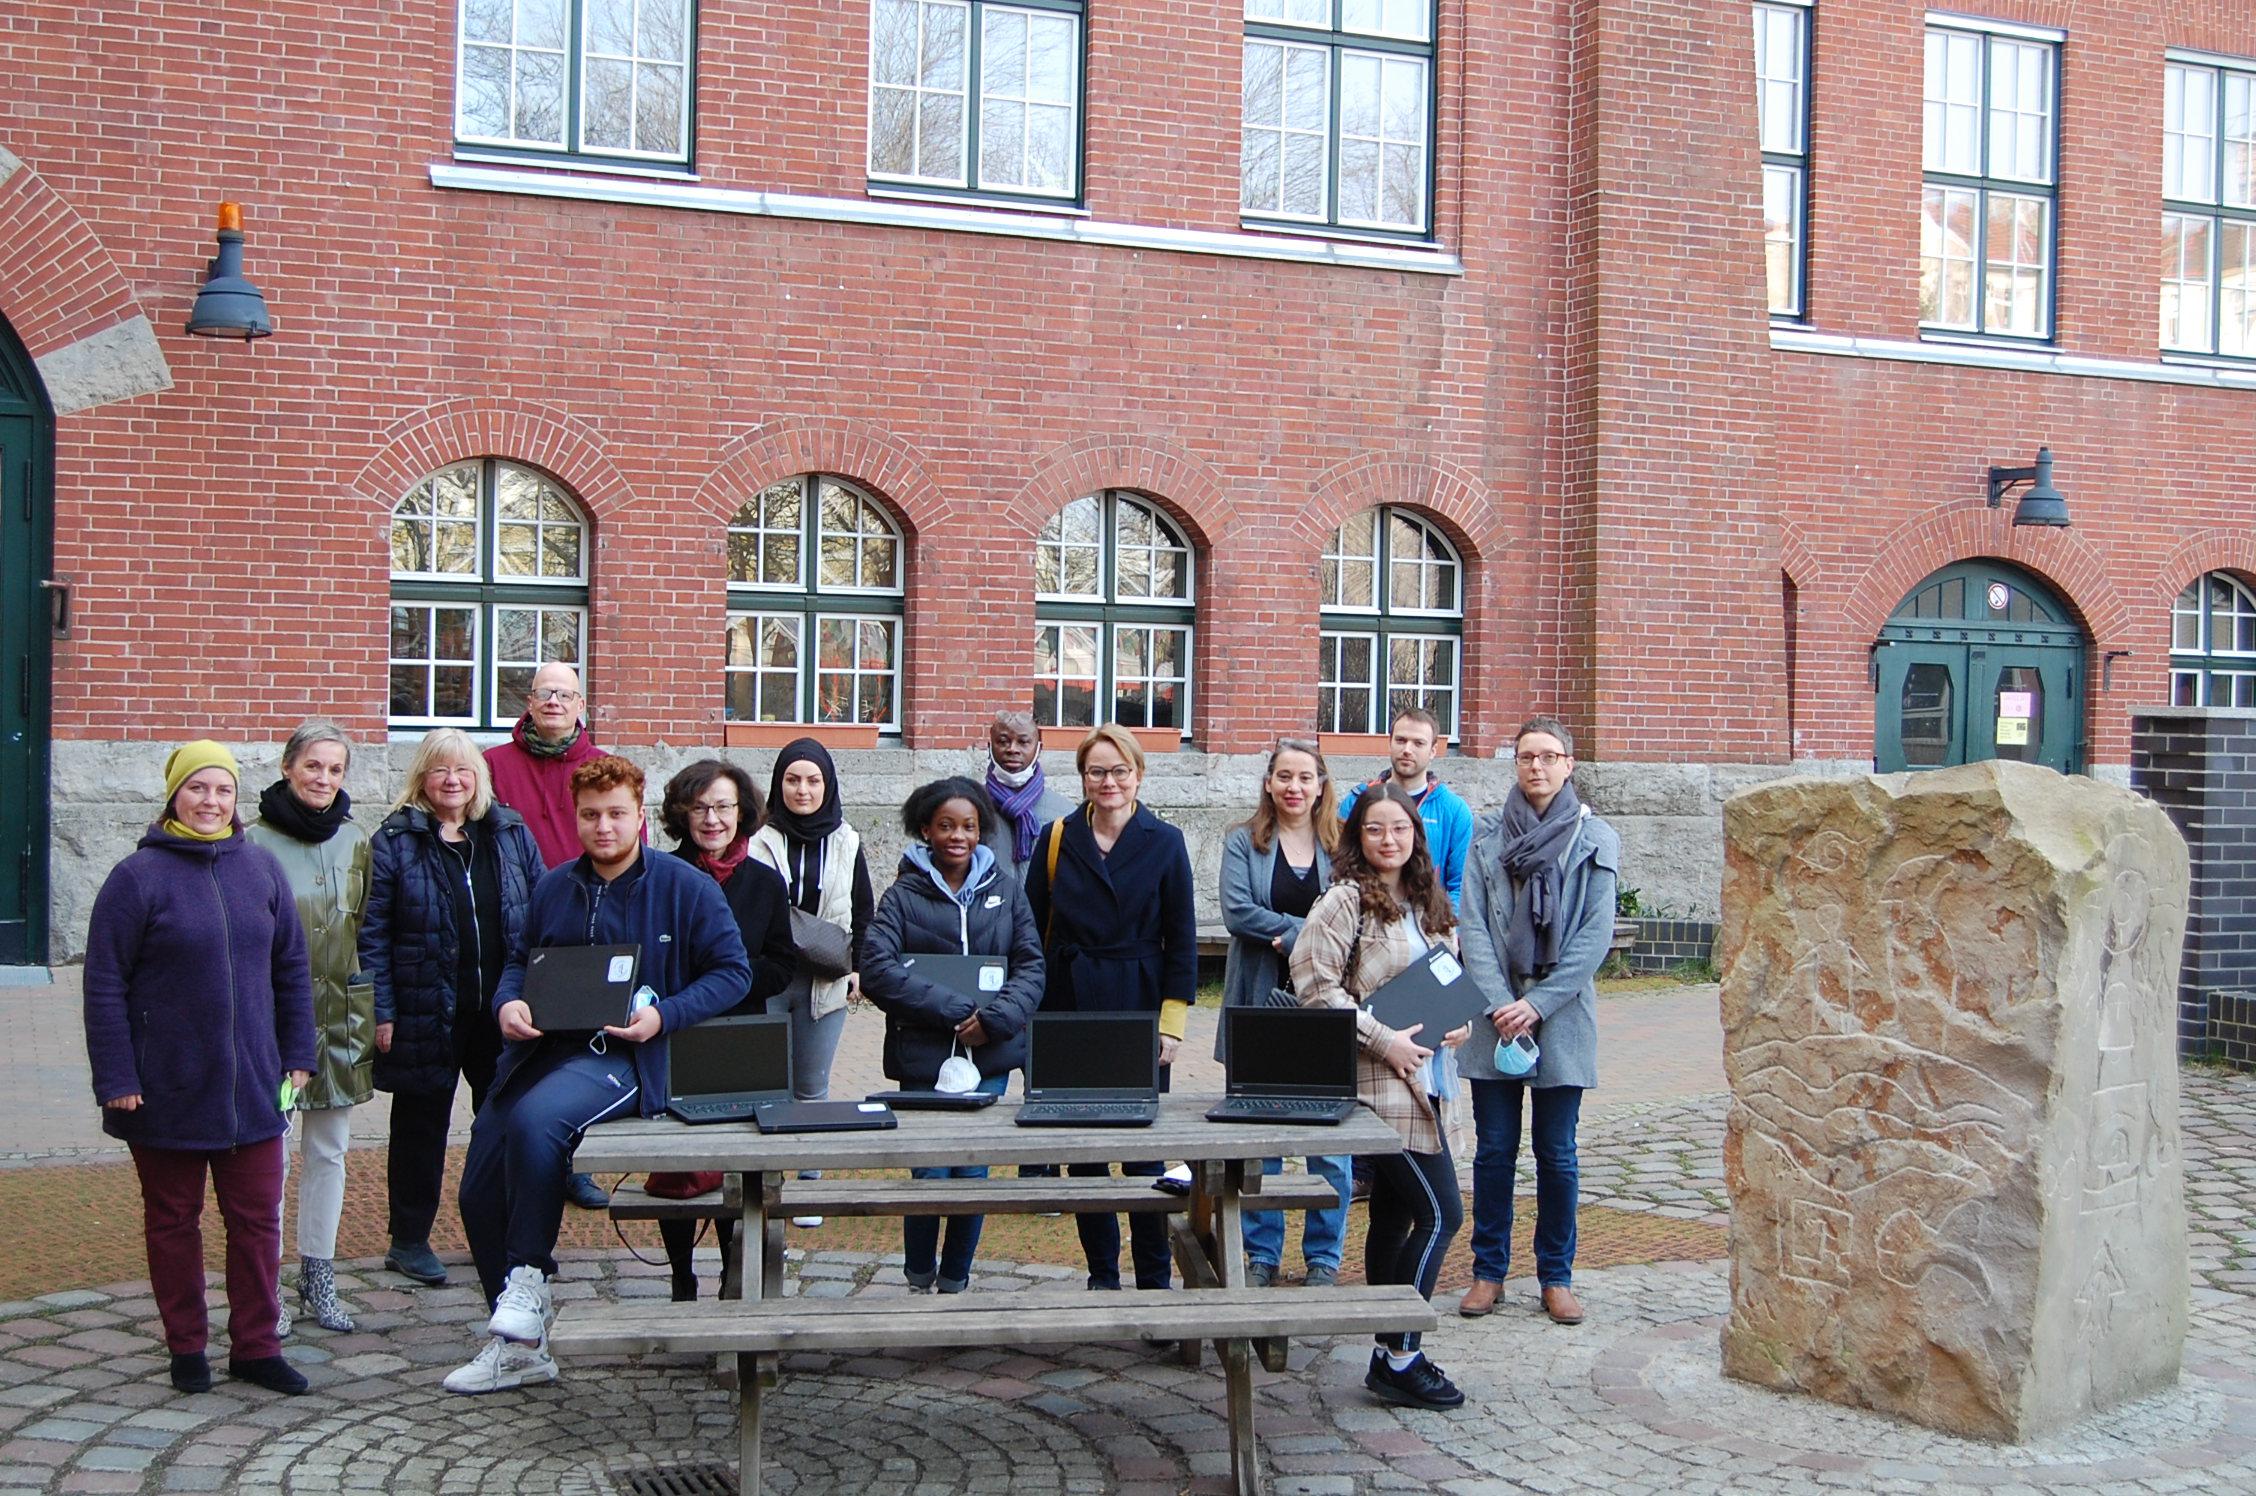 SchülerInnen, LehrerInnen, Vertreterinnen der Soroptimisten und der Förderverein mit Laptops vor der Paula-Fürst-Gemeinschaftsschule